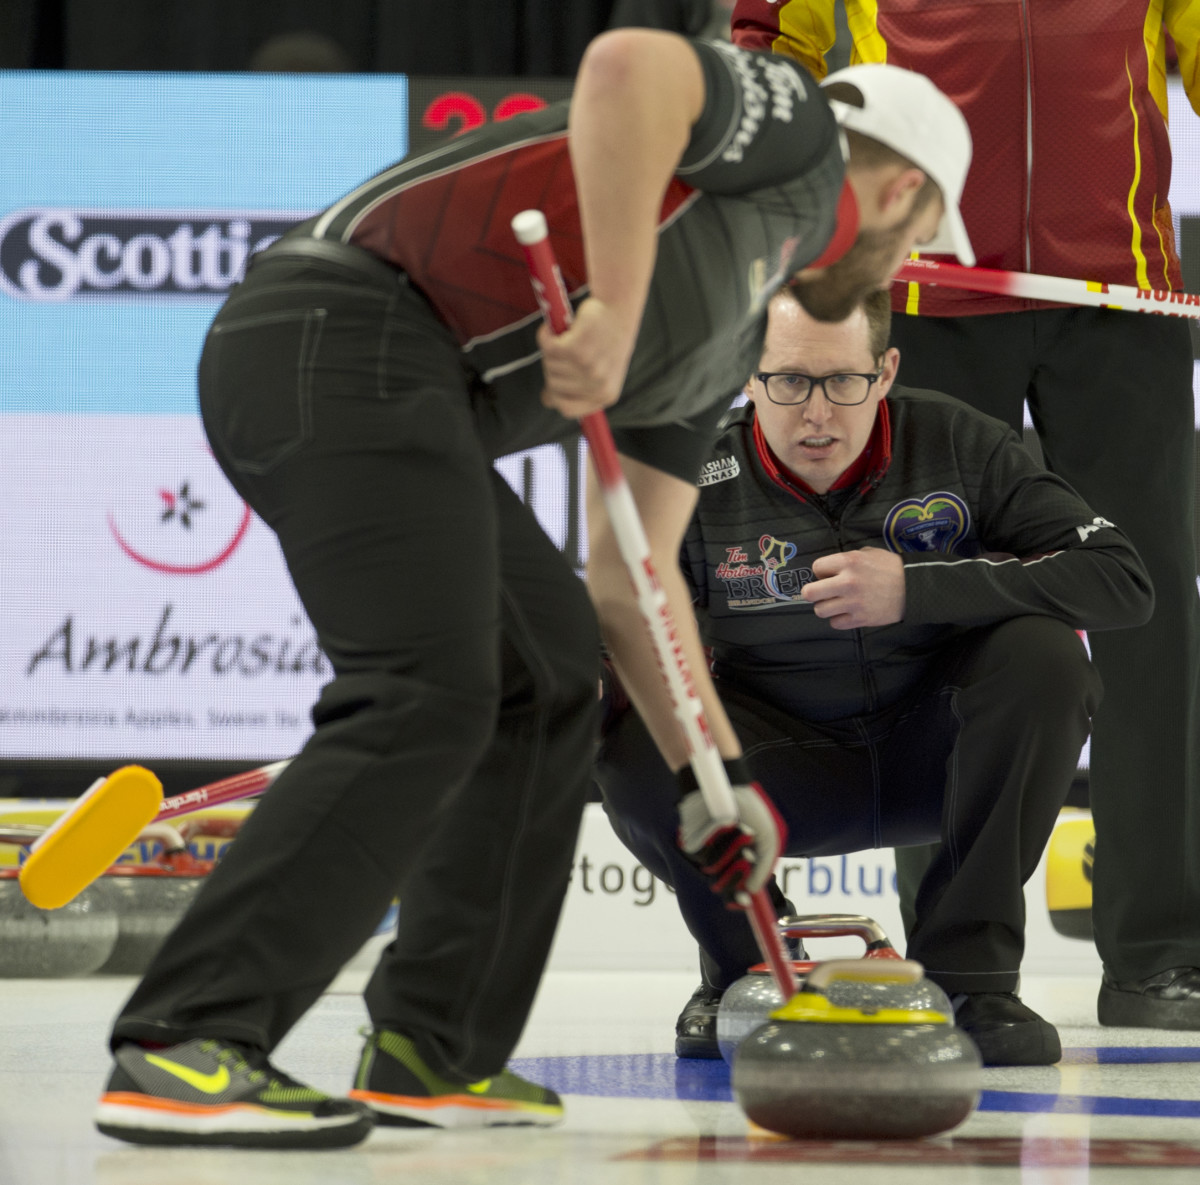 Scott McDonald • Michael Burns-Curling Canada